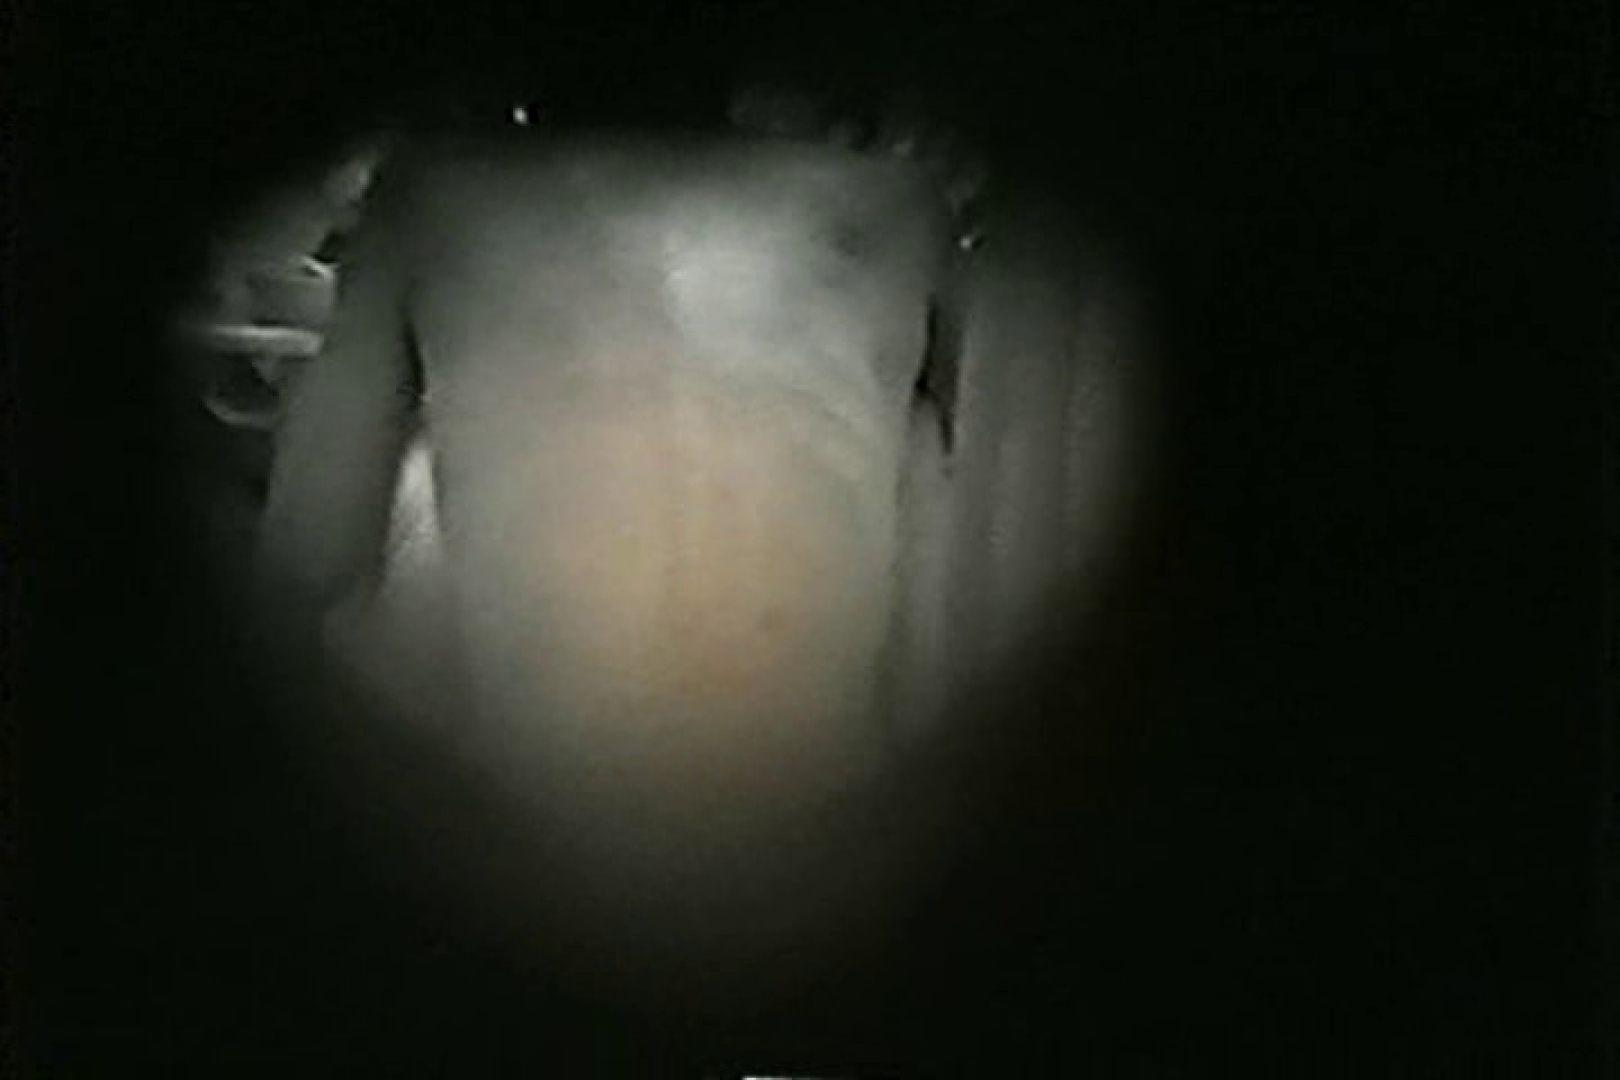 深夜の撮影会Vol.7 プライベート のぞき動画キャプチャ 71画像 46